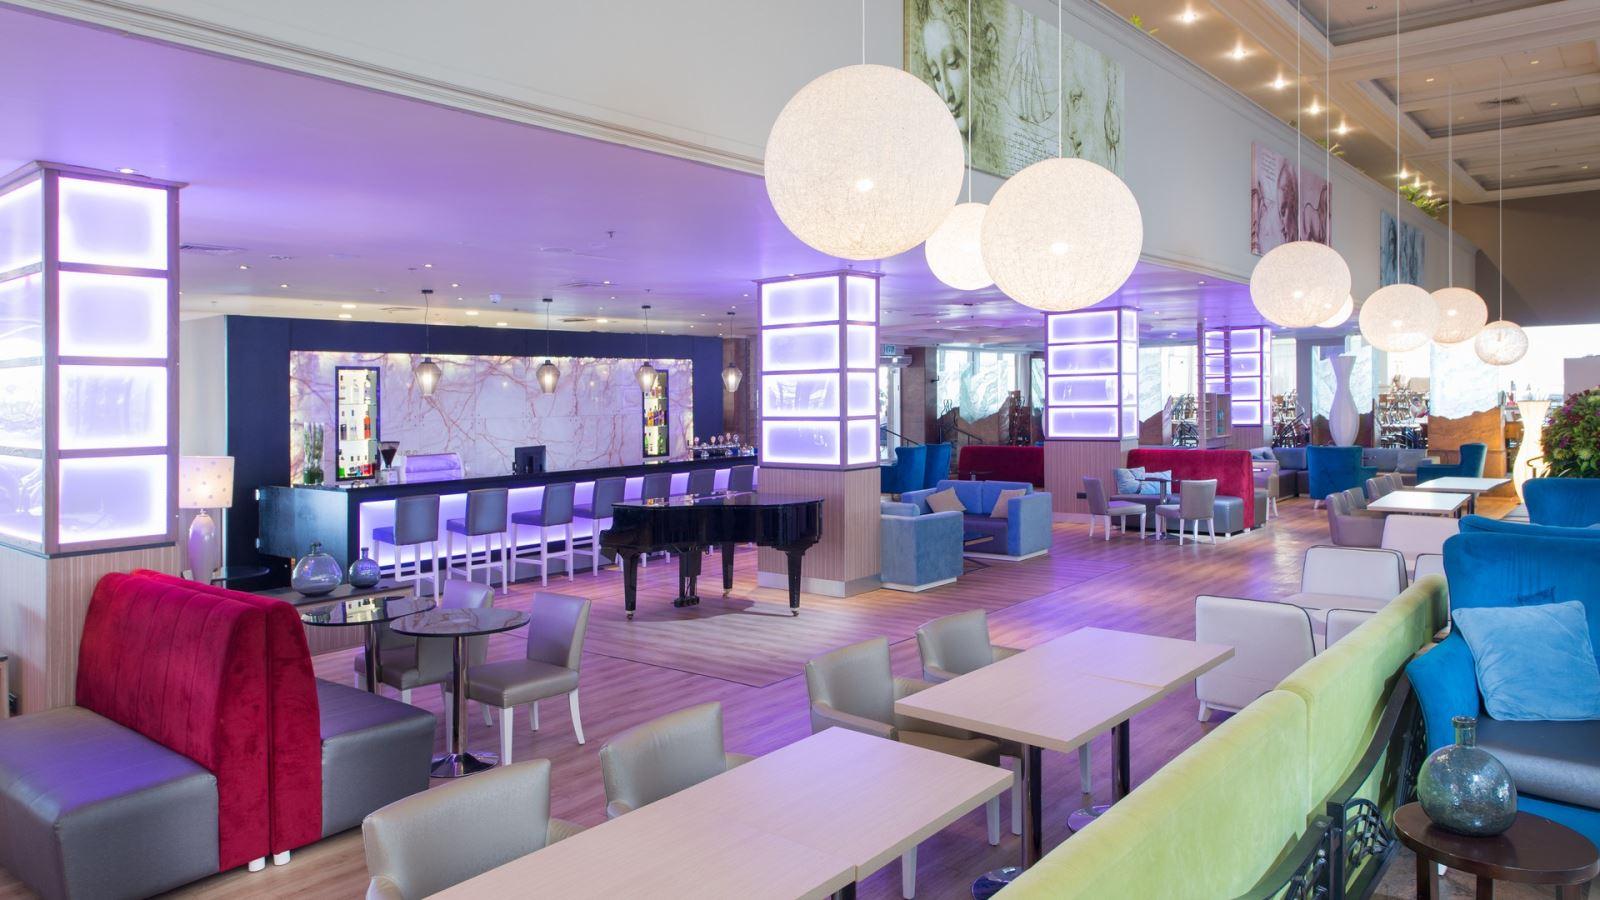 מזמינים חופשה במלון לאונרדו פלאזה אילת ב-40% הנחה!